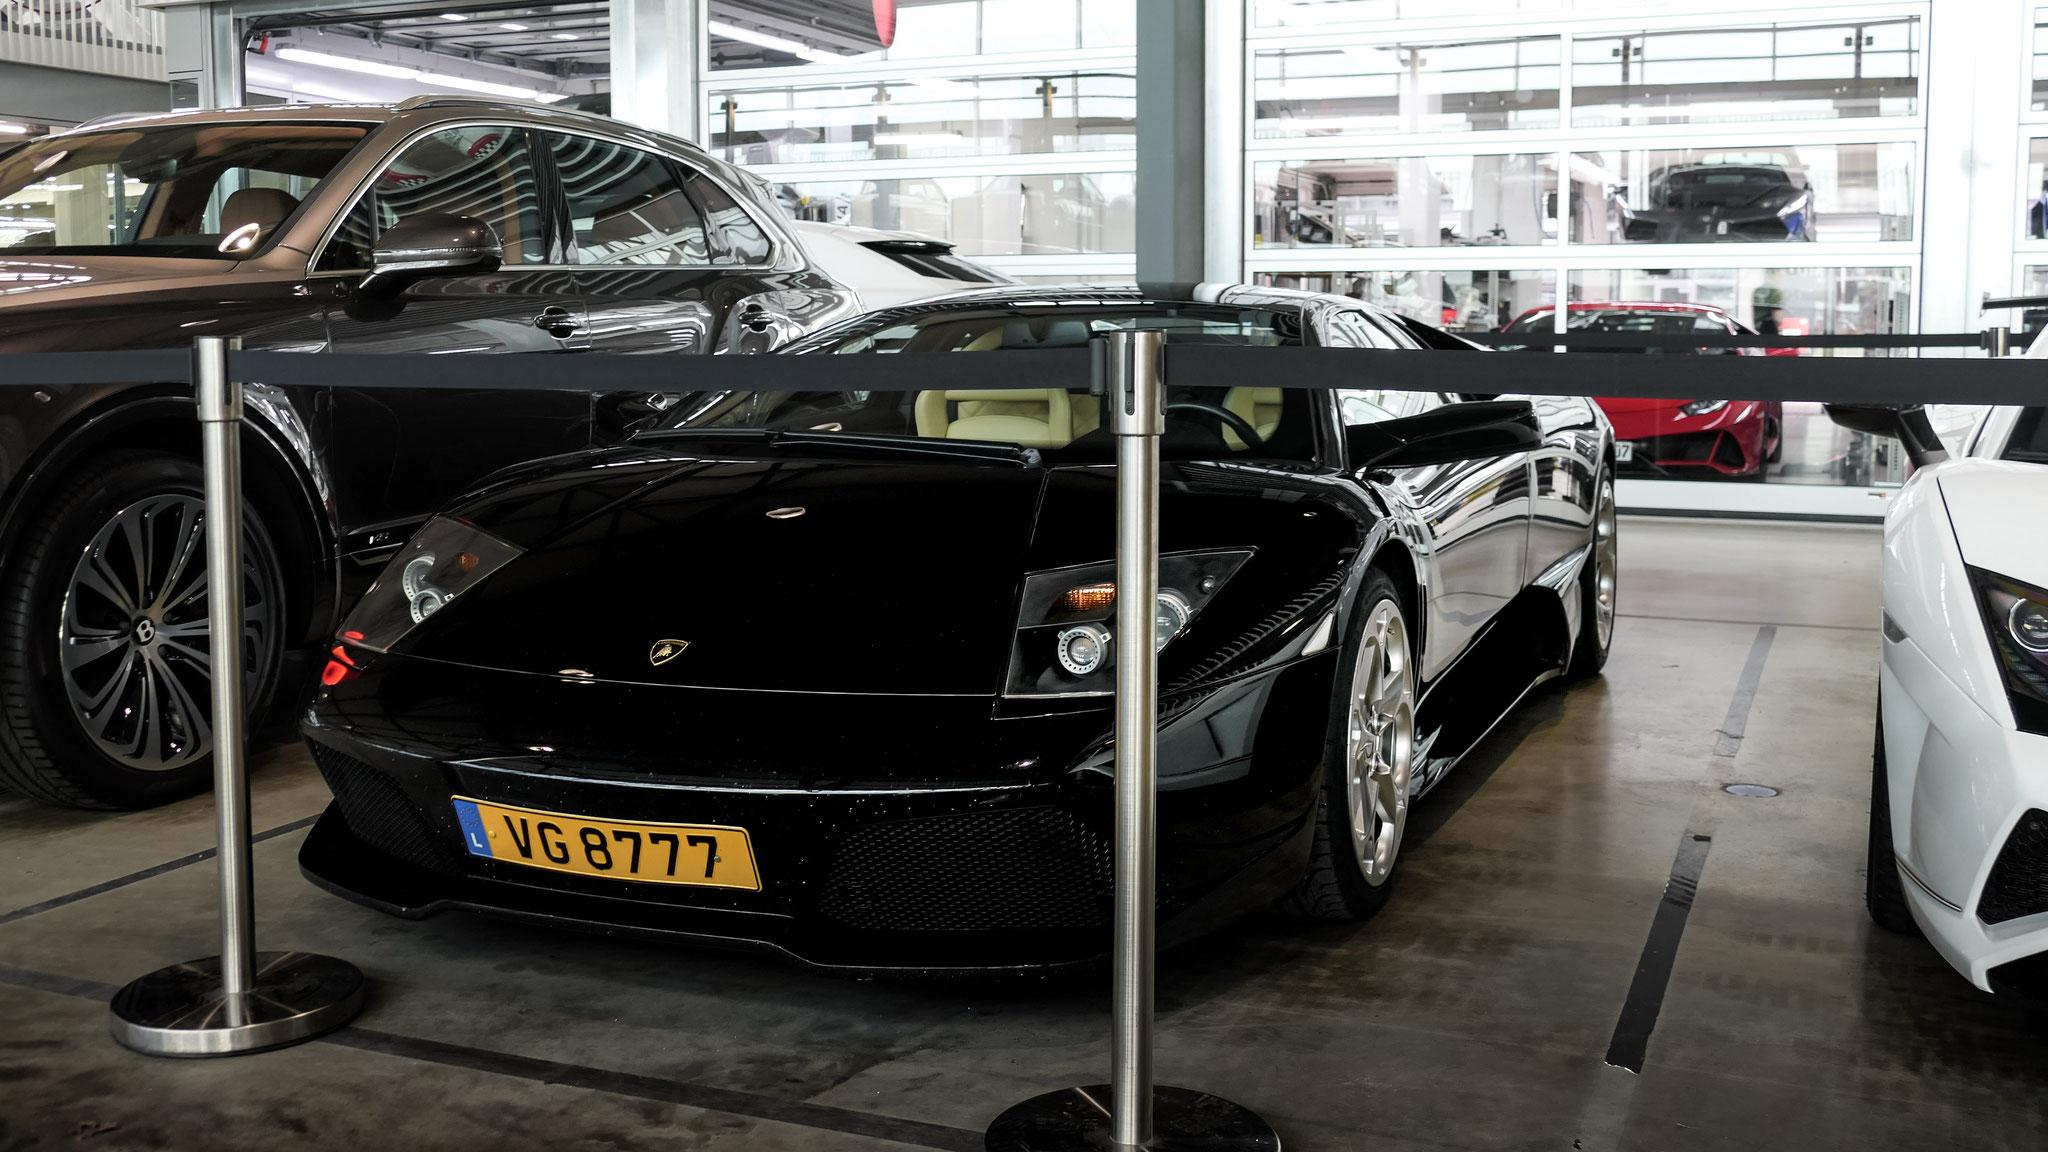 Lamborghini Murcielago - VG-8777 (LUX)